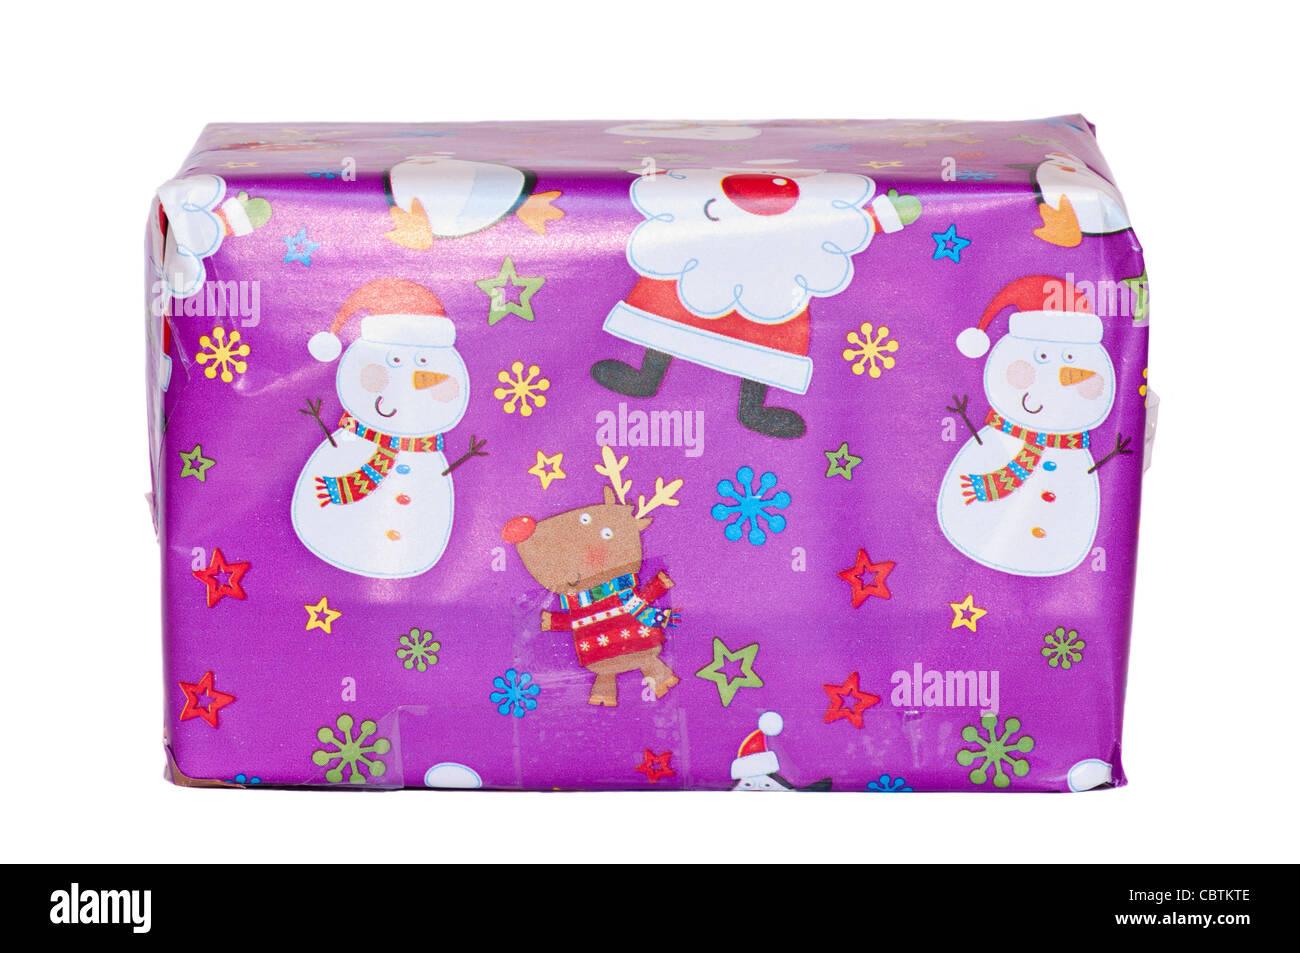 Cadeau de Noël enveloppé dans du papier cadeau de Noël Photo Stock